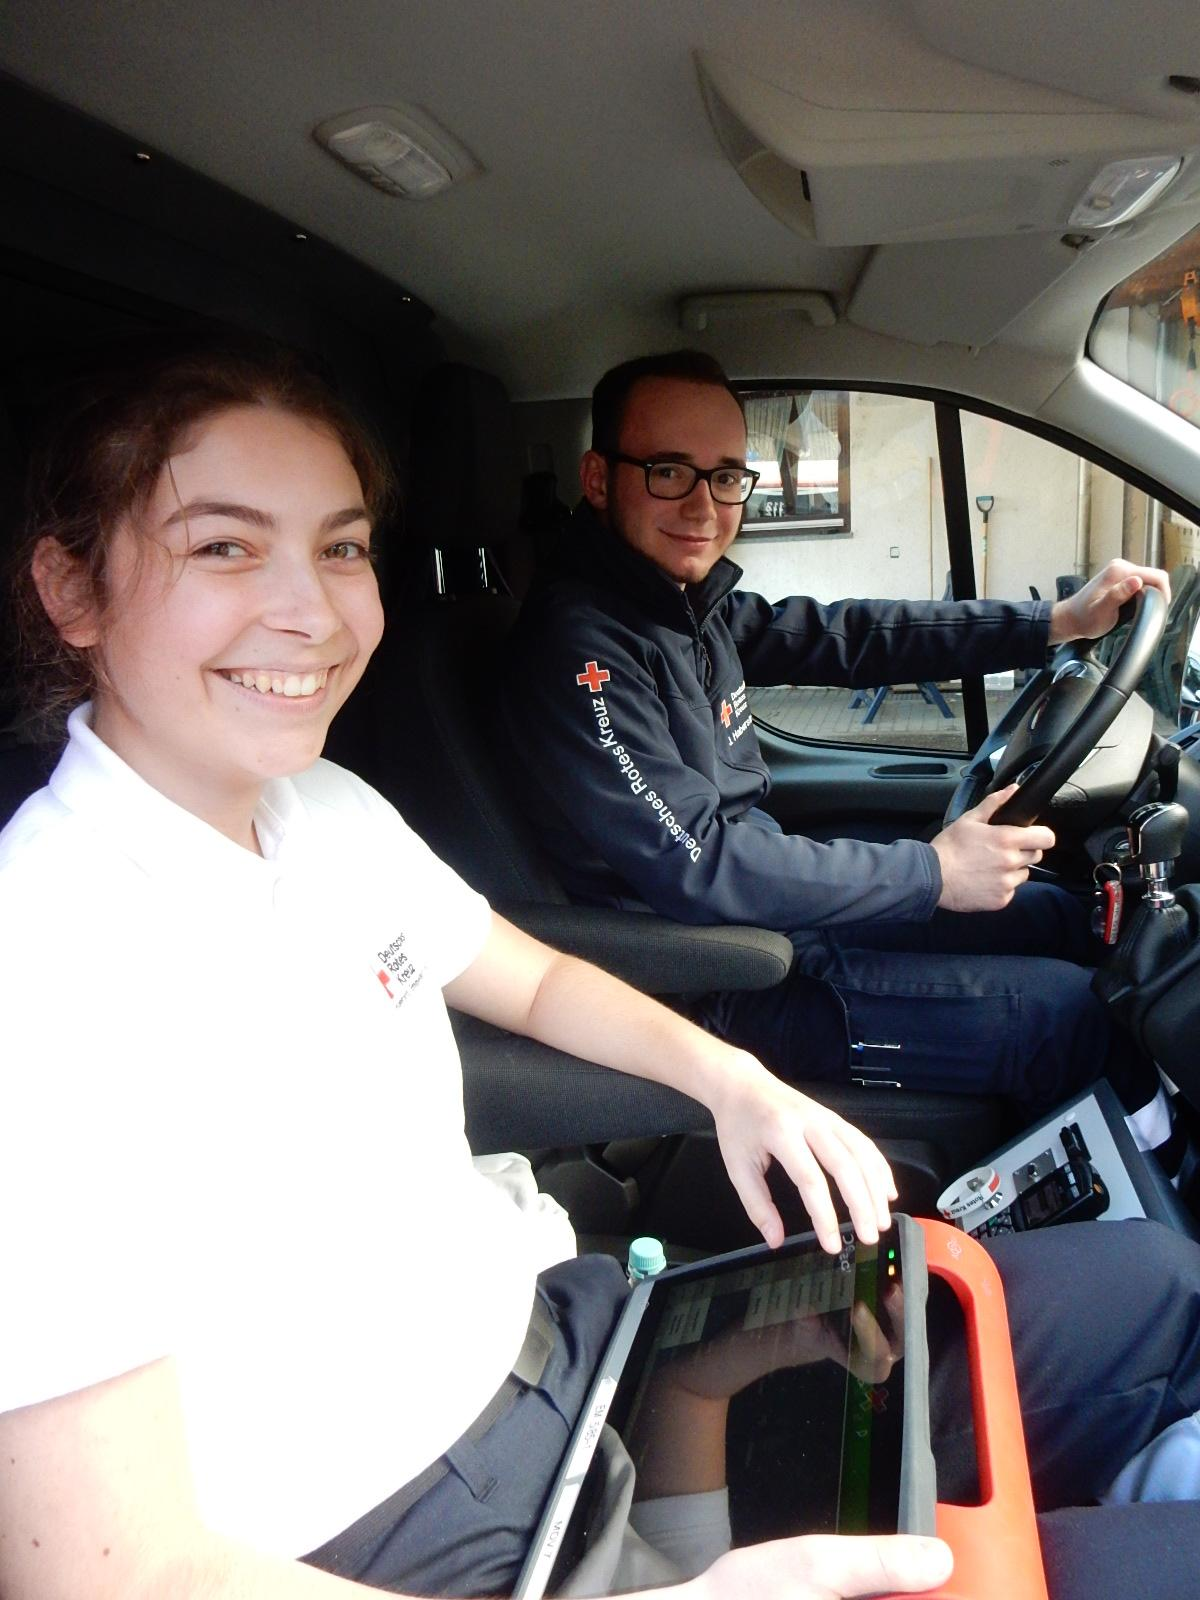 Während Rettungssanitäter Jonas Haberstroh zum nächsten Auftrag fährt, gibt Chiara Dilberger die Einsatzdaten in den Computer ein. Foto: Kurt Meier